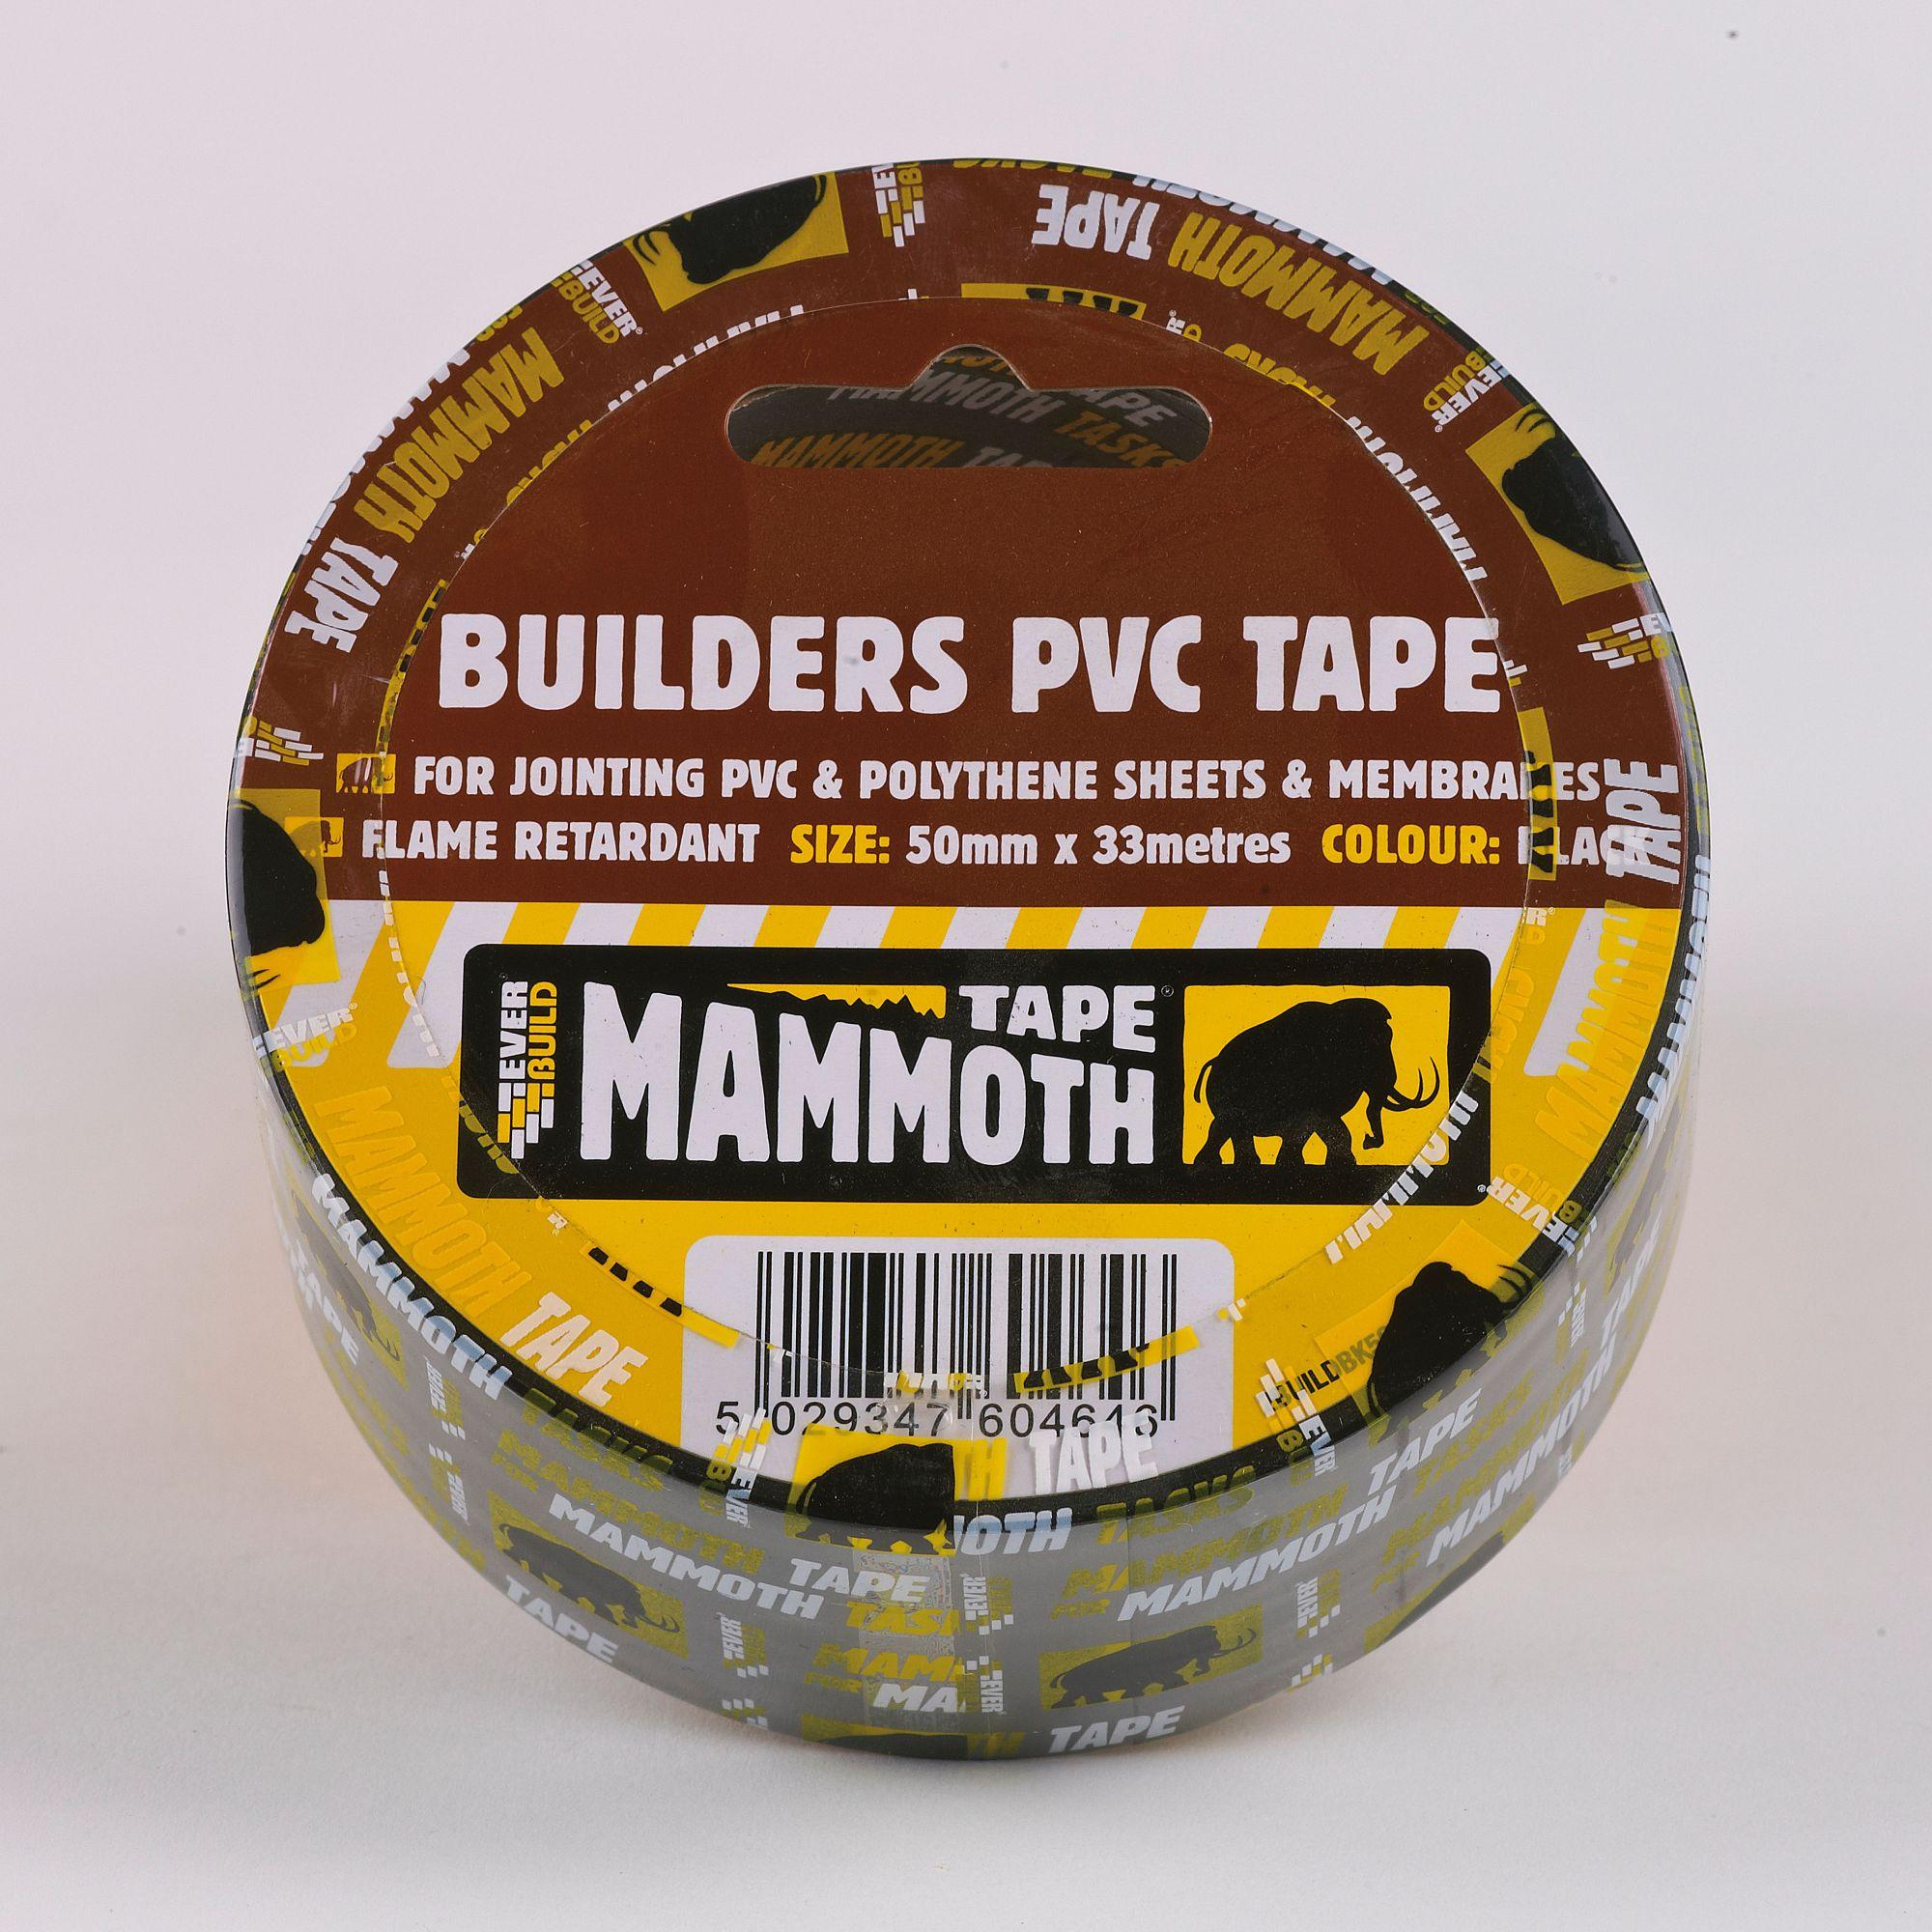 BUILDER'S PVC TAPE 75MM 33MTR